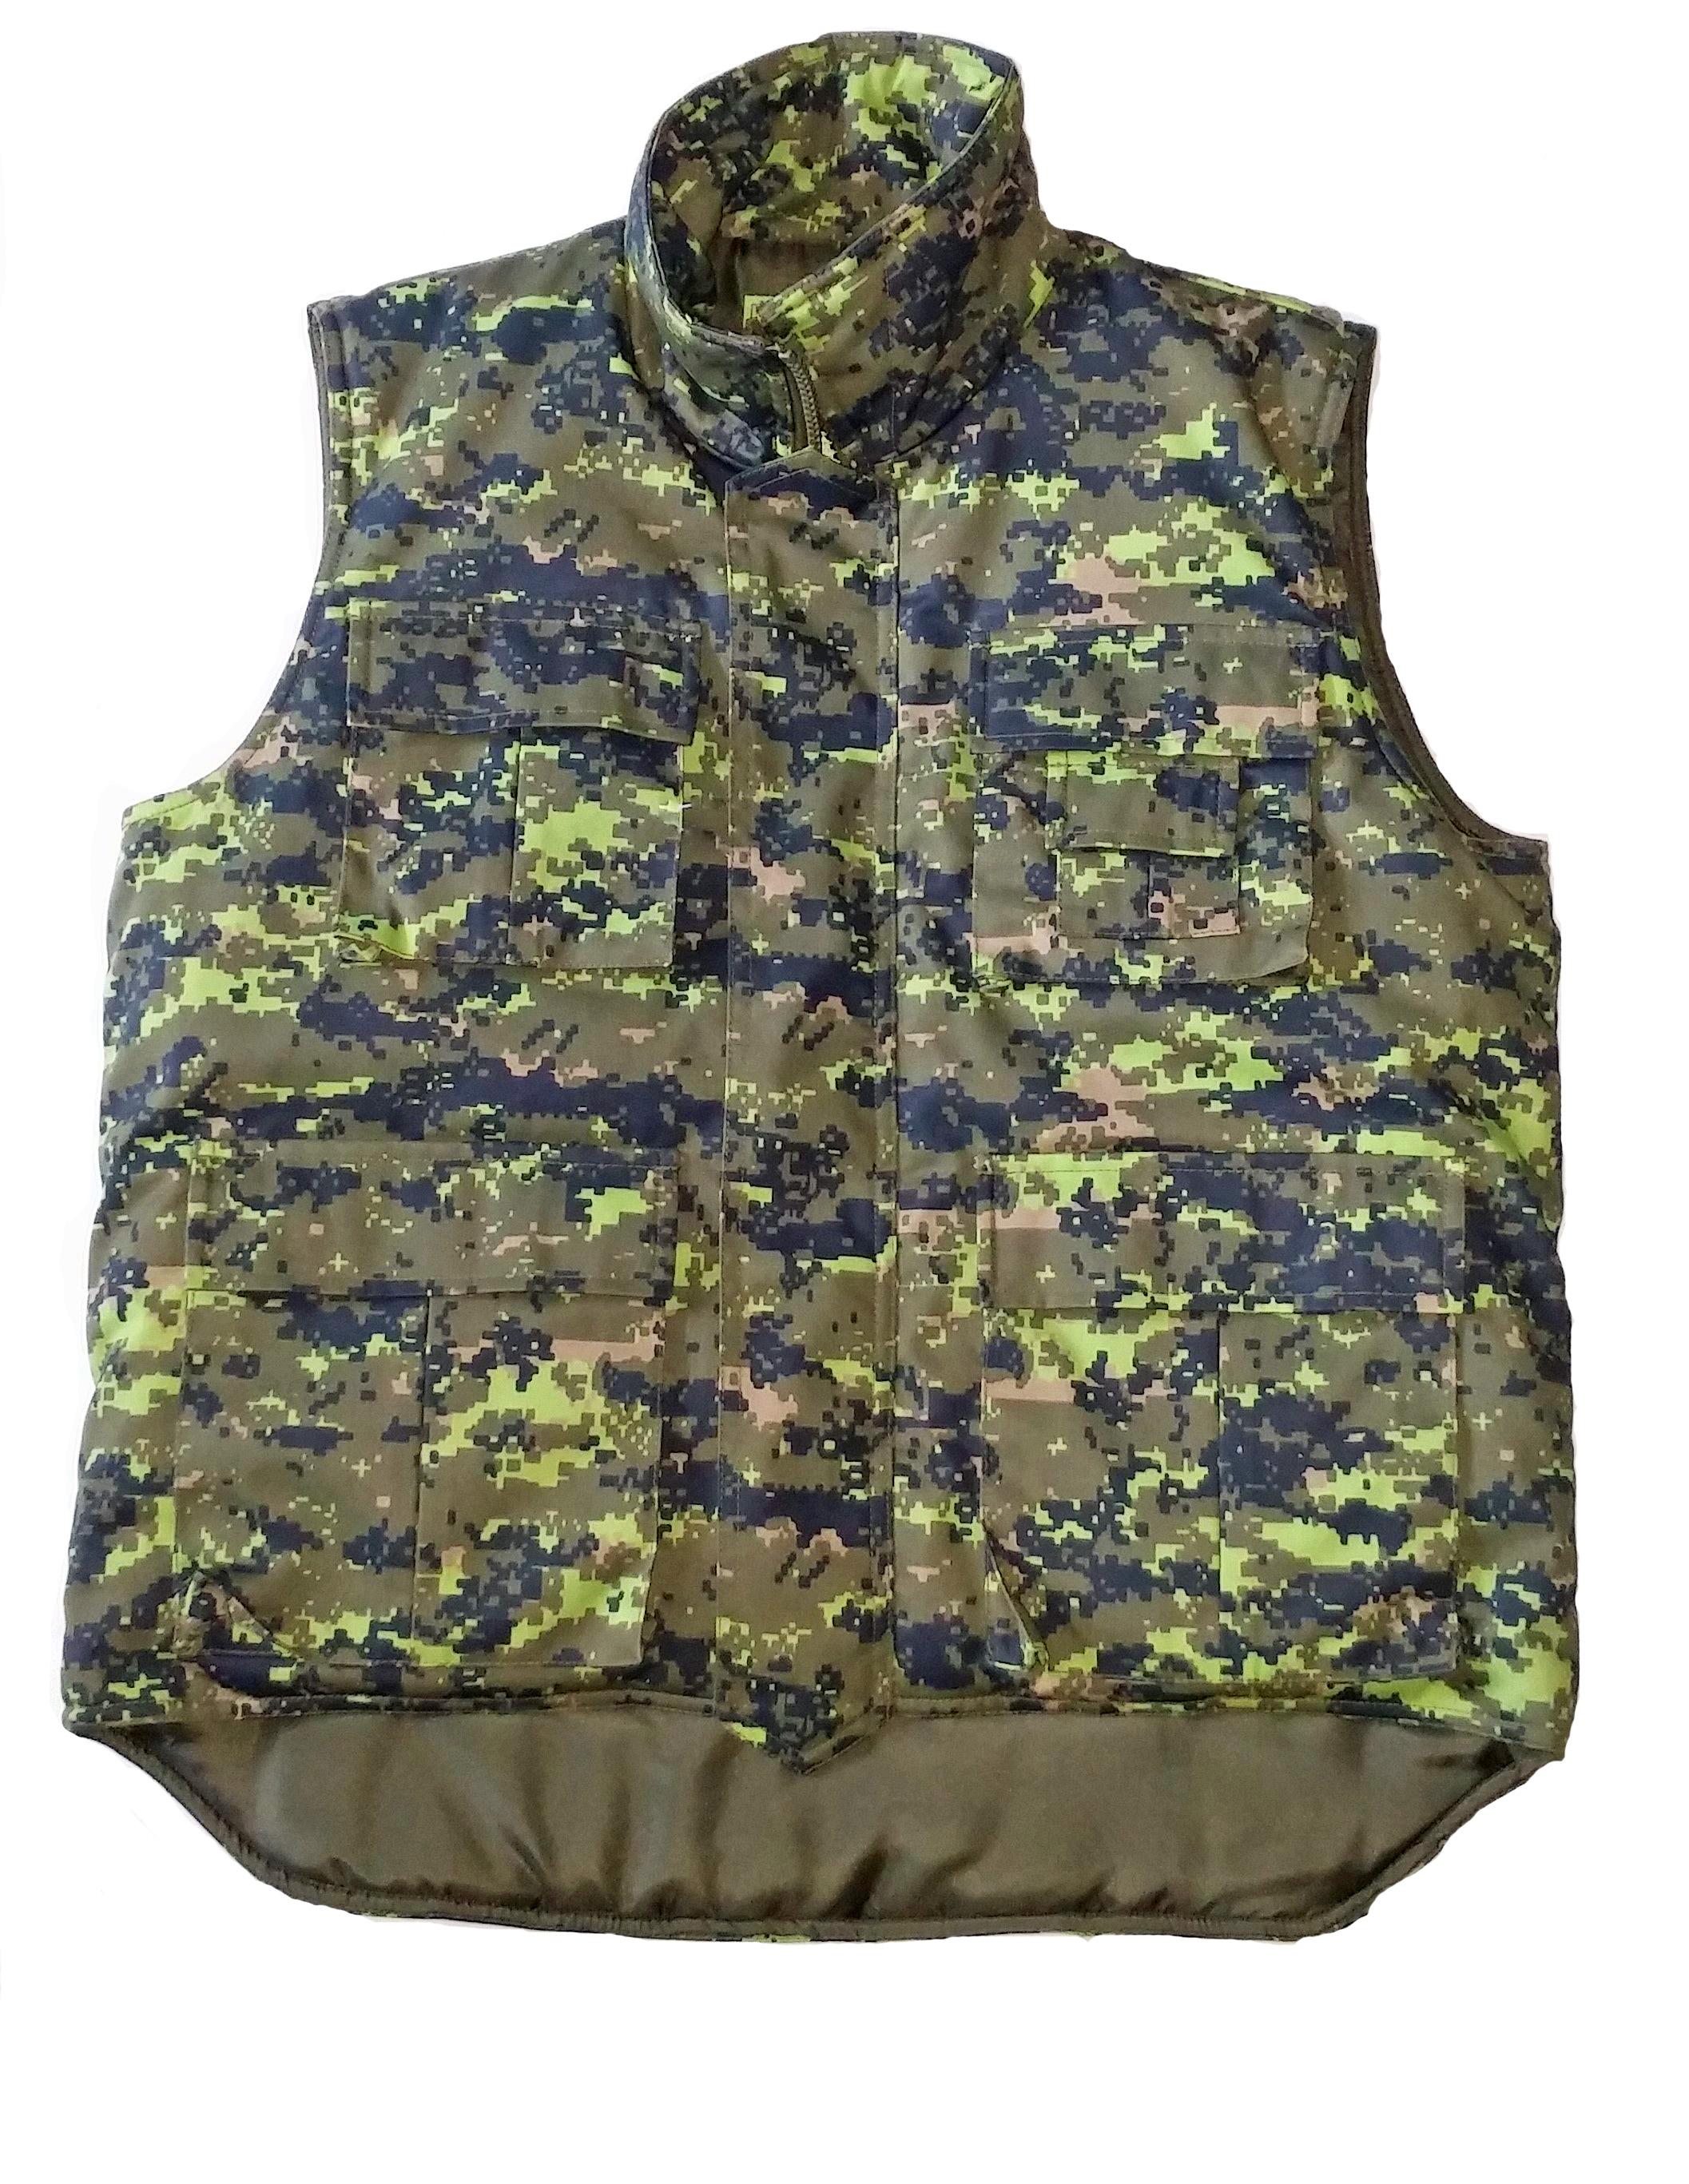 Ranger vest-digital